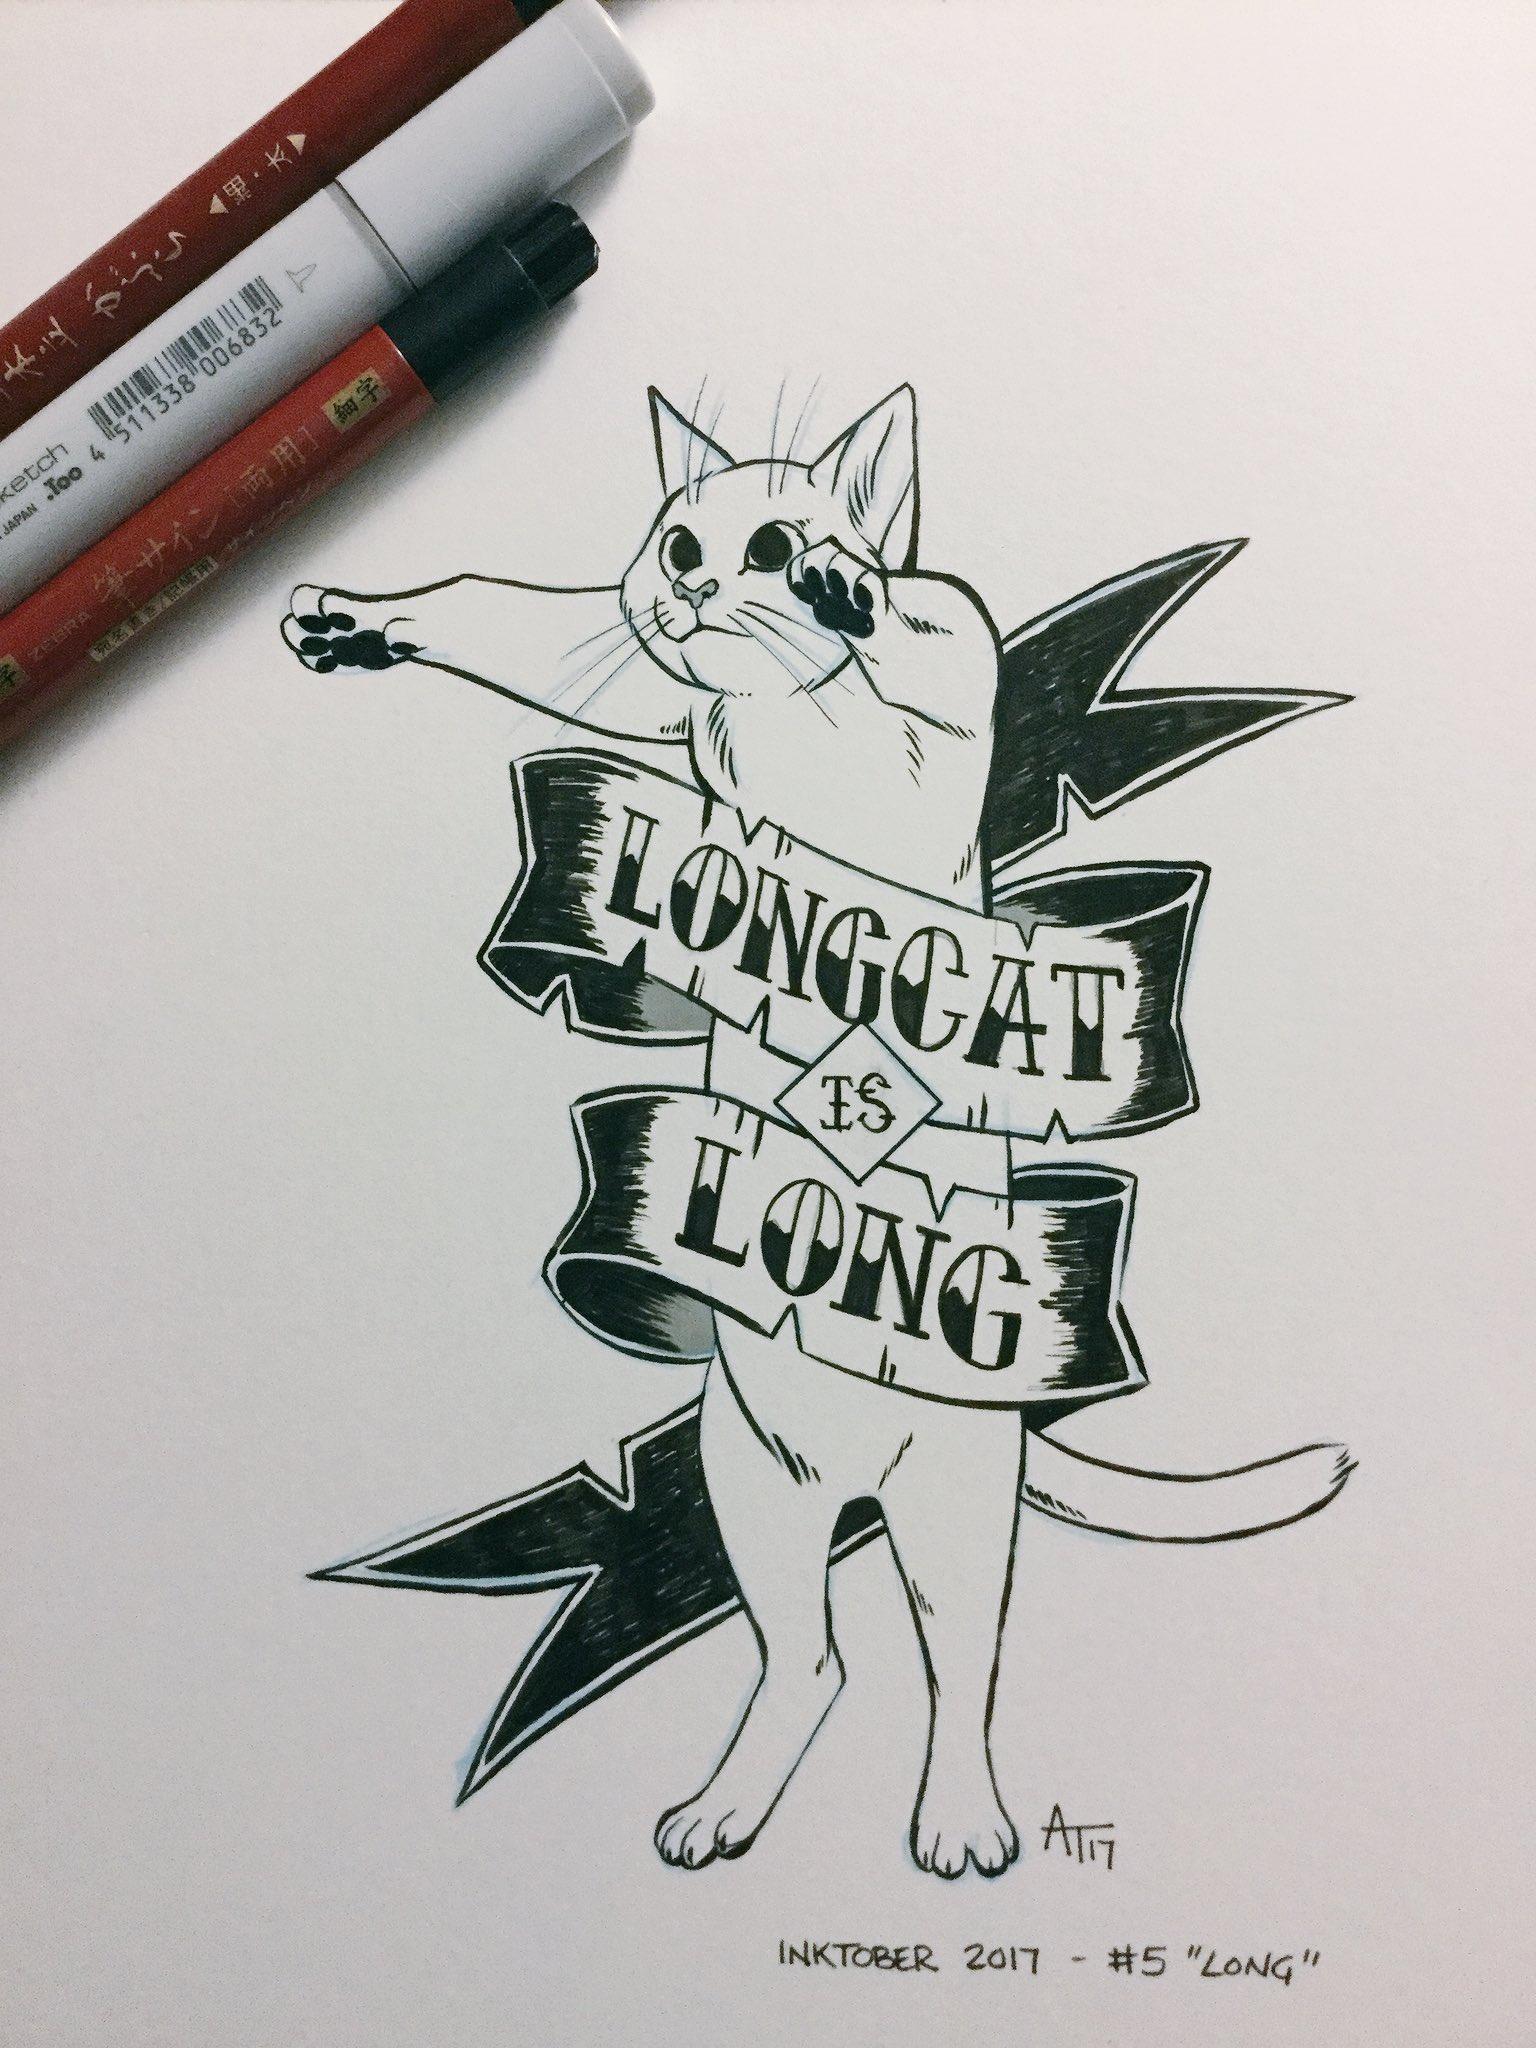 """#inktober #5 - """"Long""""  #inktober2017 https://t.co/CFEuVSREw3"""